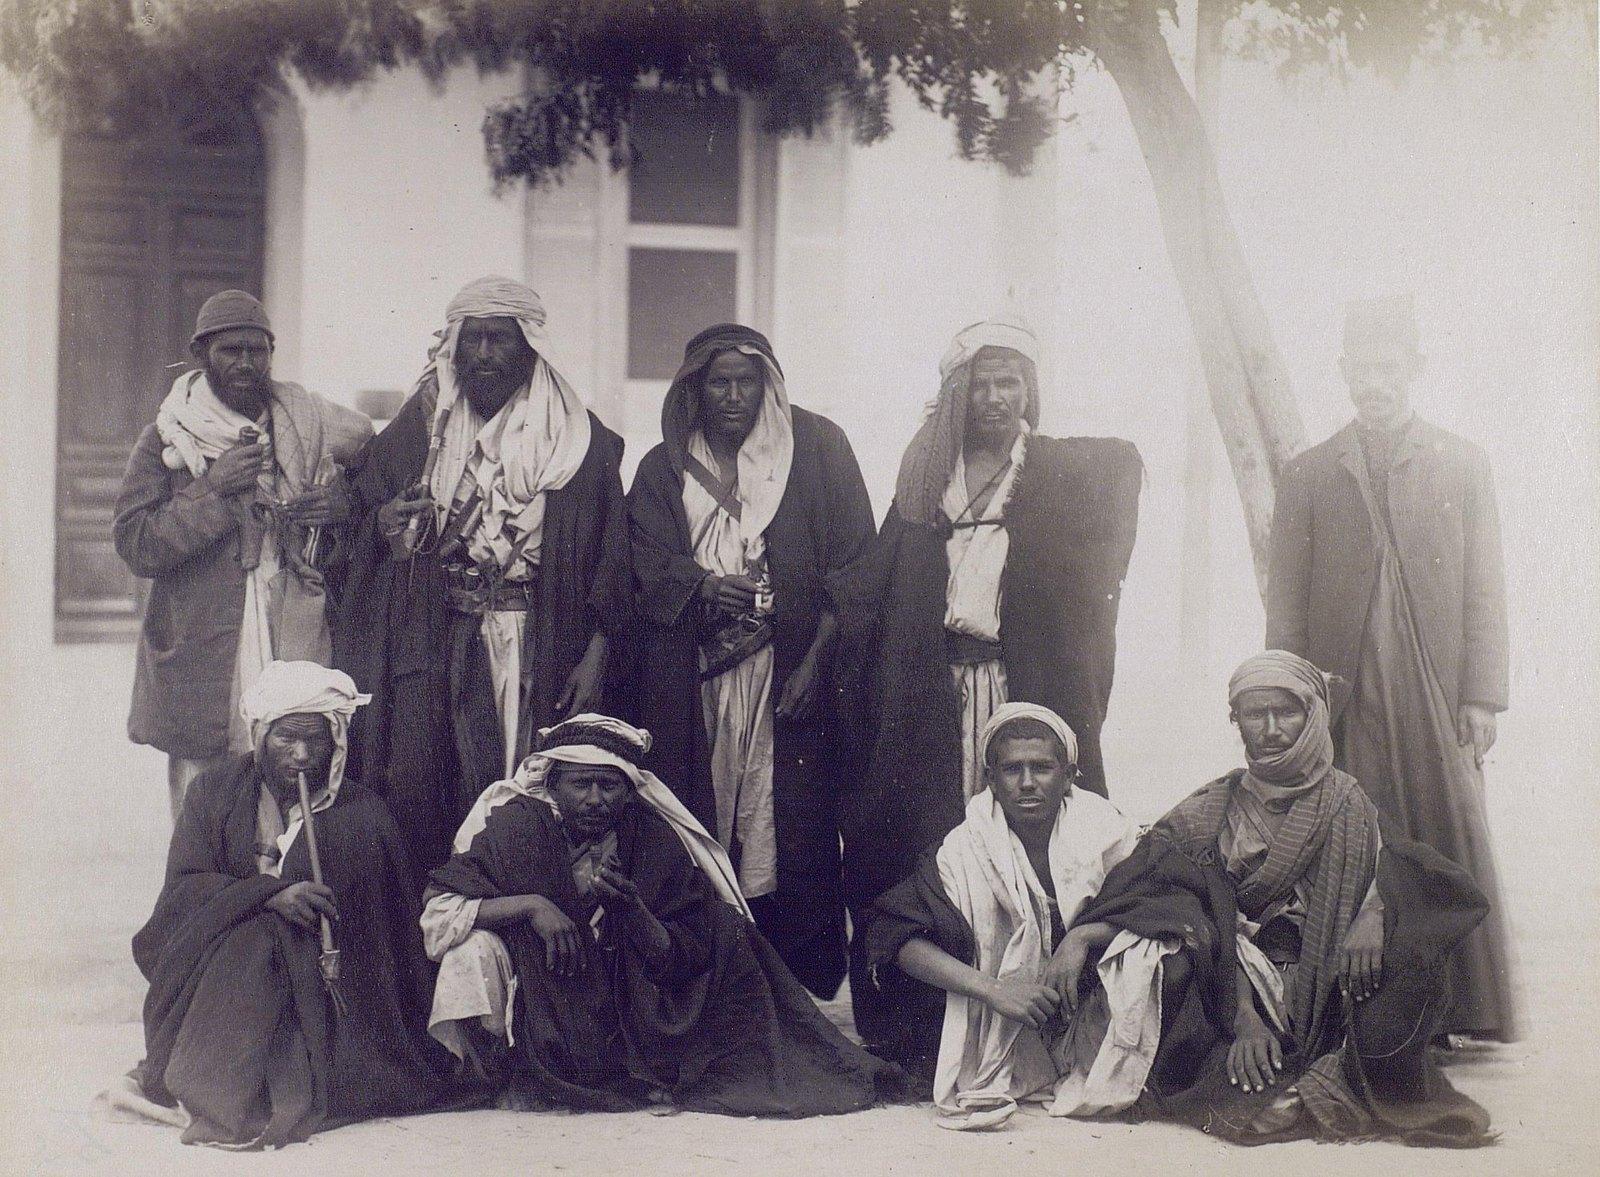 19. 1890. Египет. Группа бедуинов. Арабы-бедуины